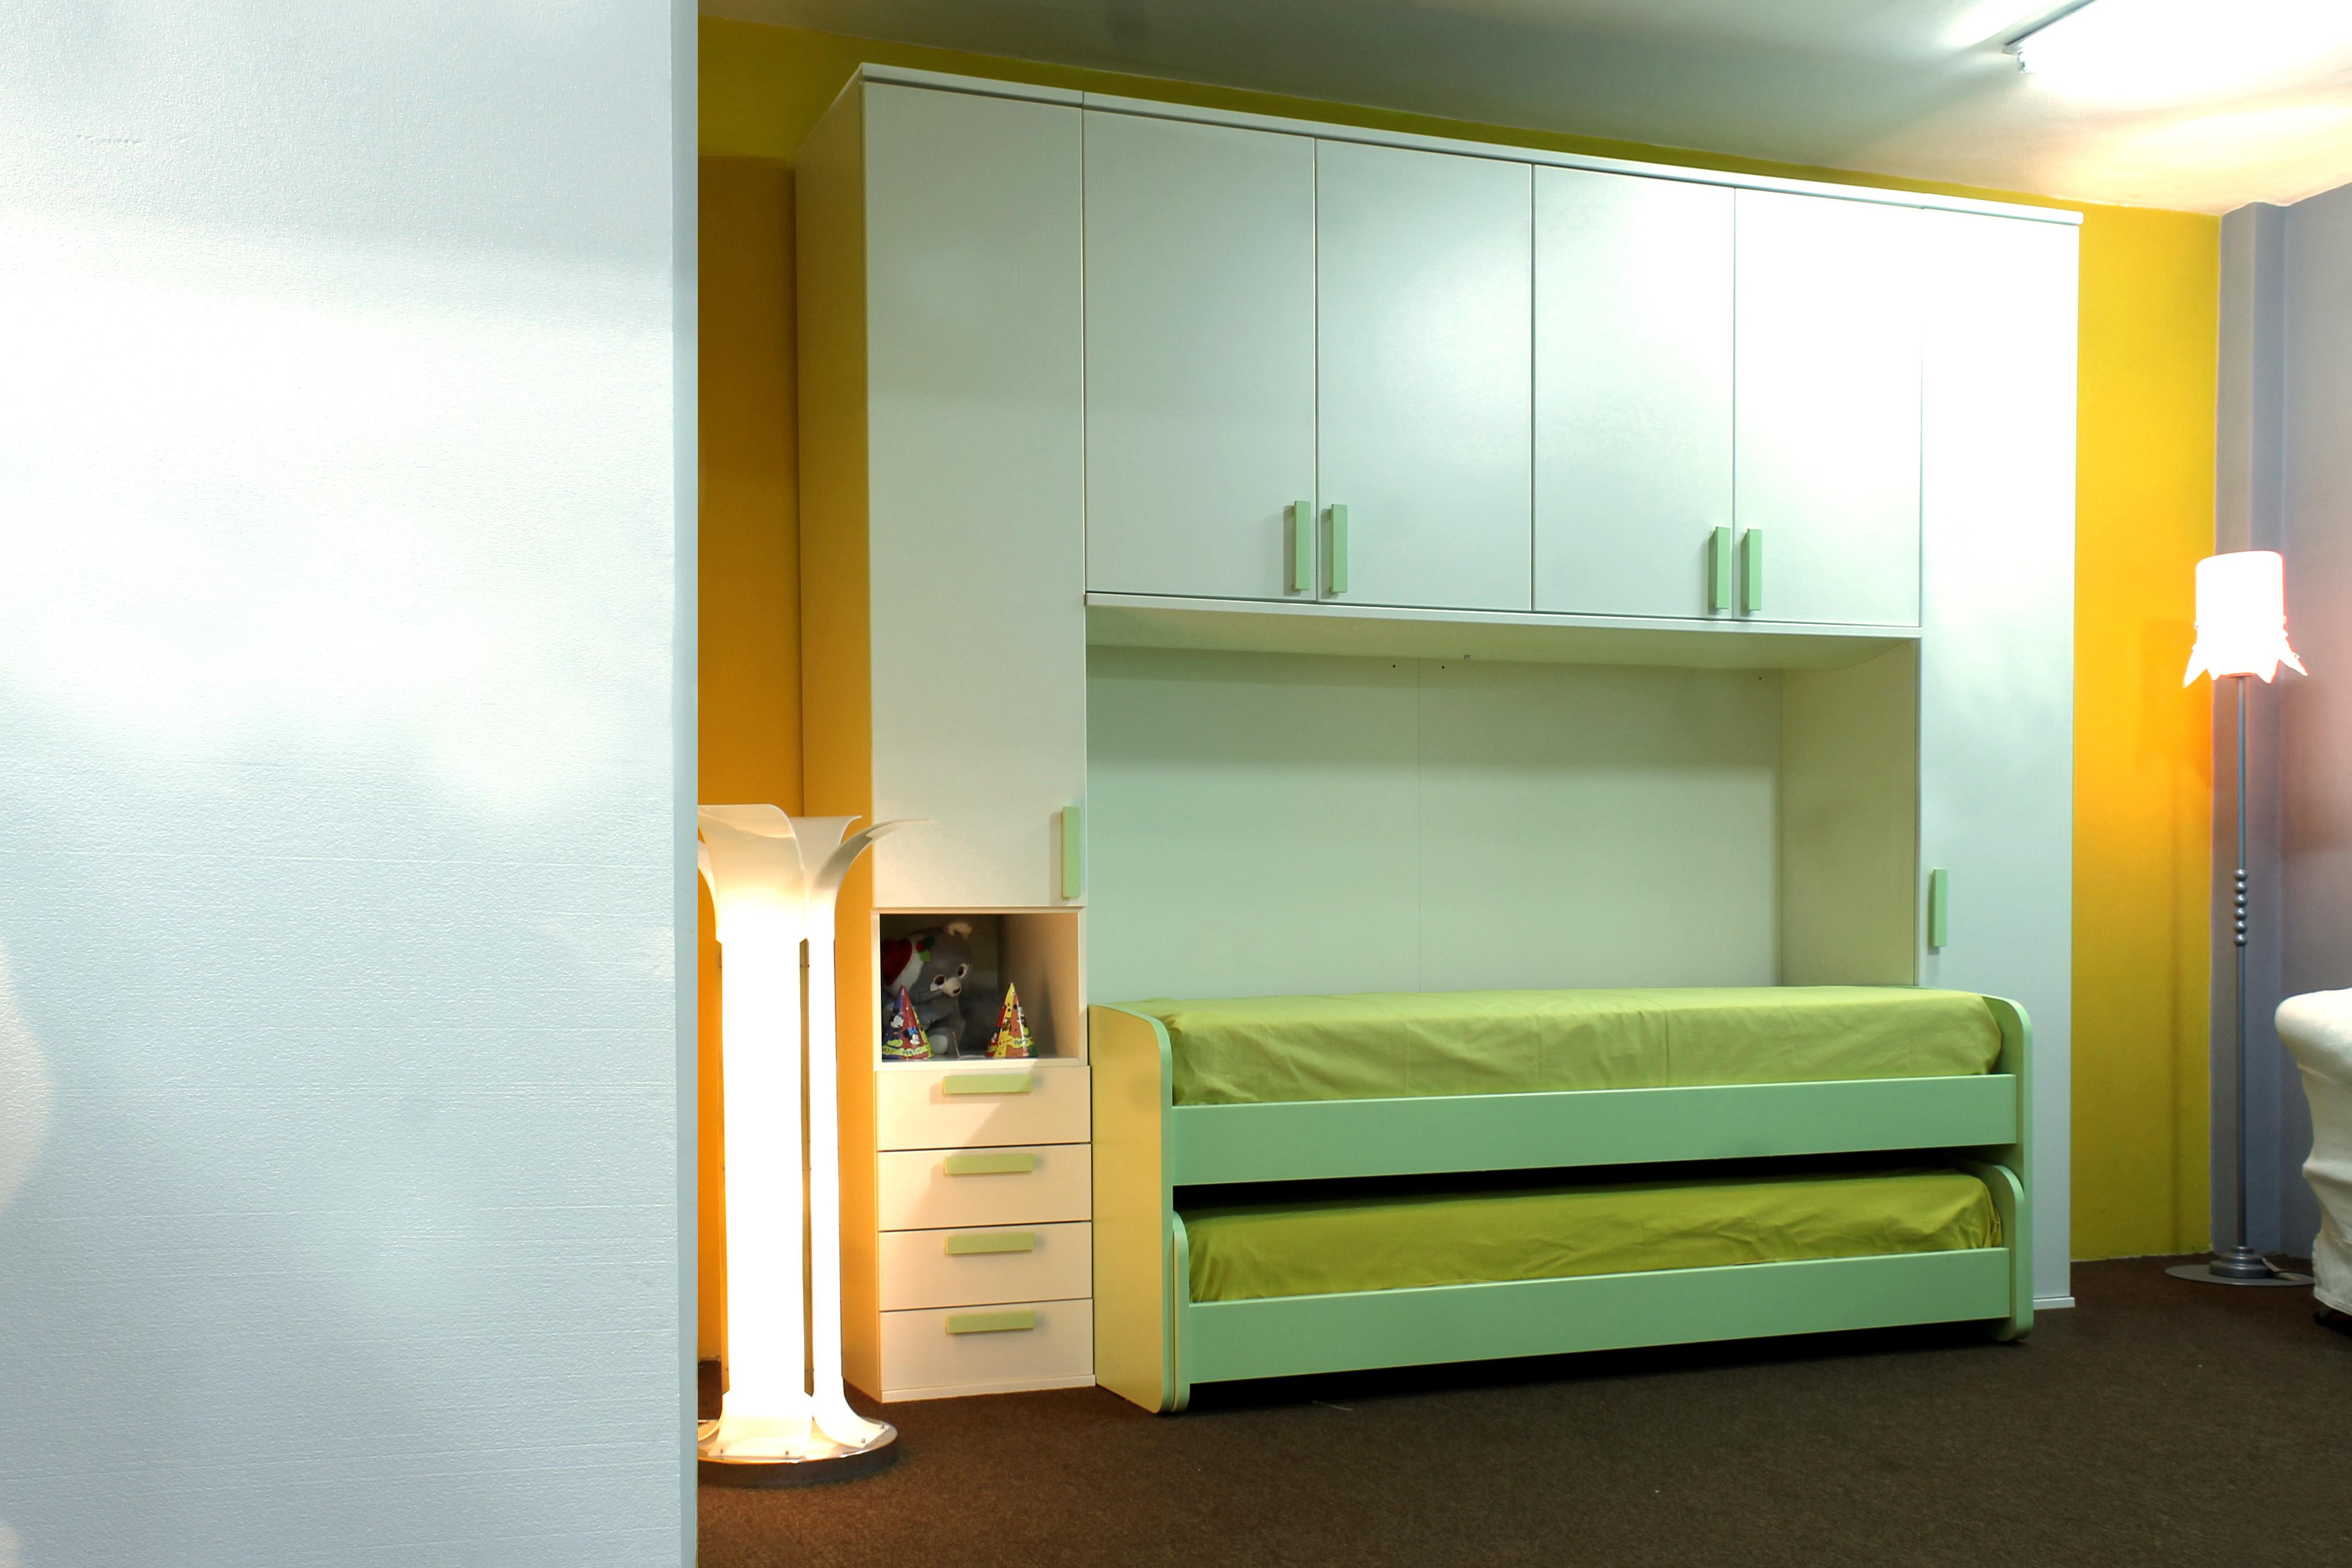 Armadio stanza da letto ikea : armadio per camera da letto ikea ...